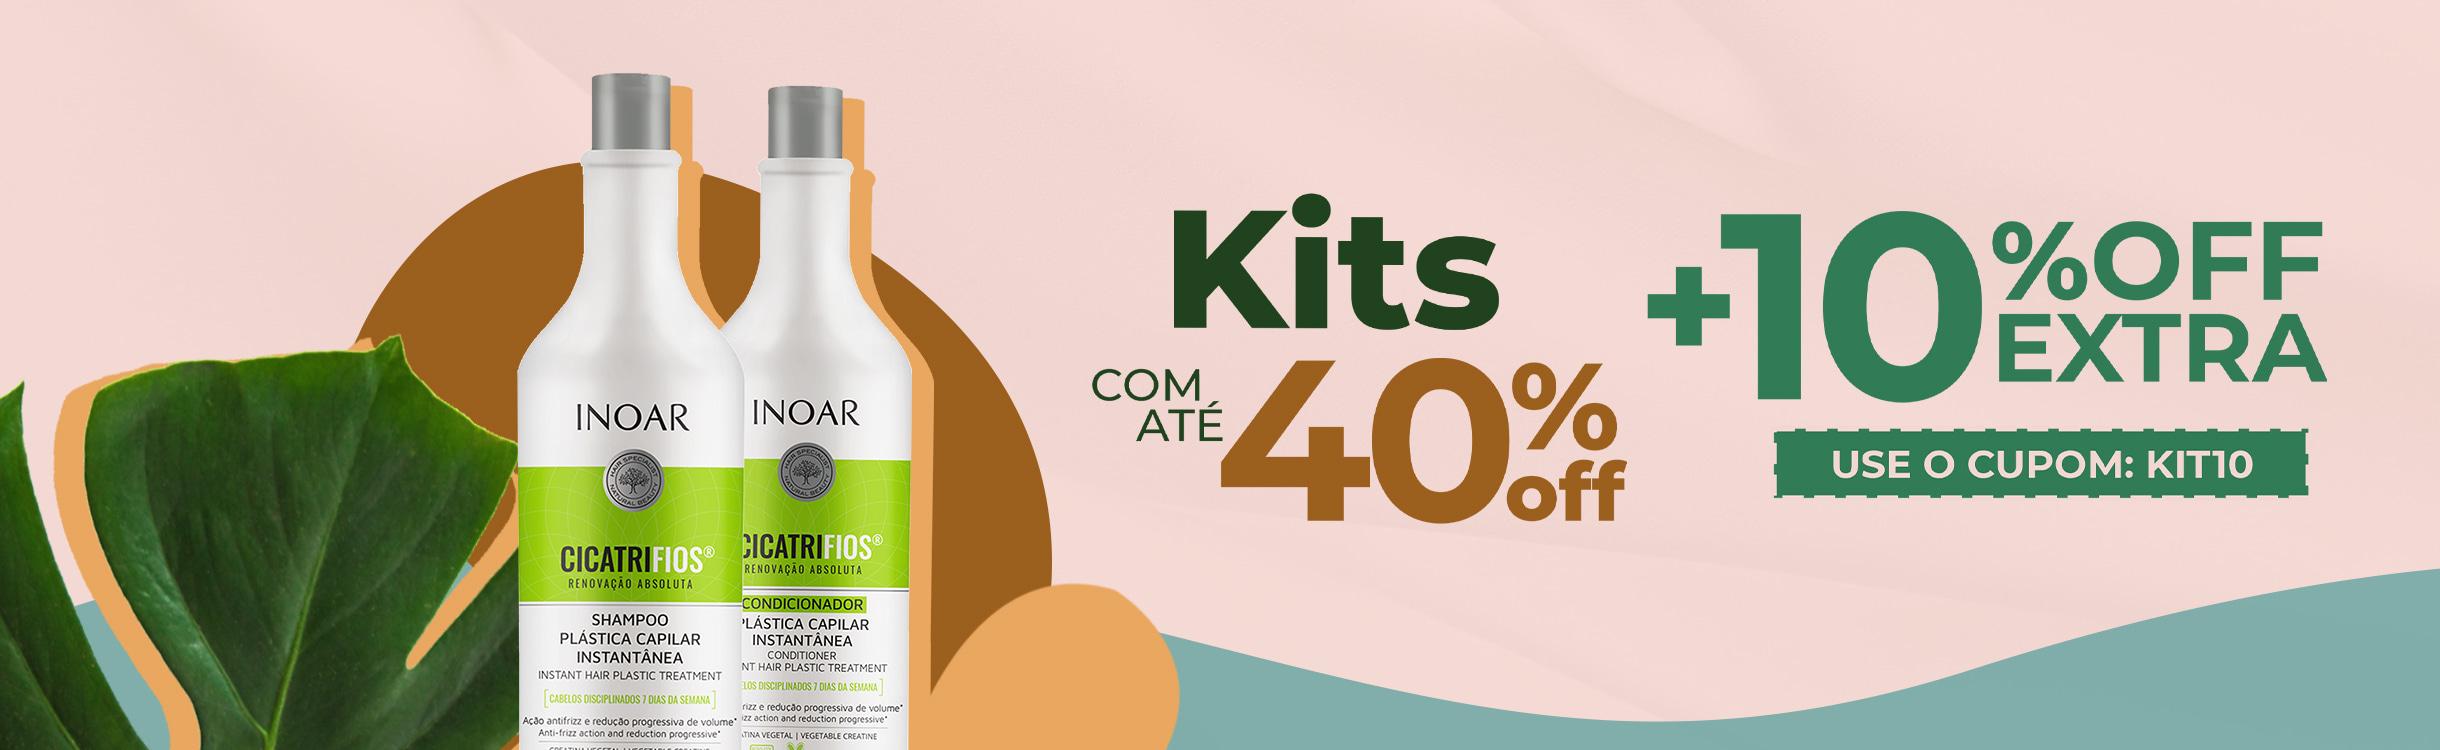 Kits com até 40% OFF + 10% OFF EXTRA